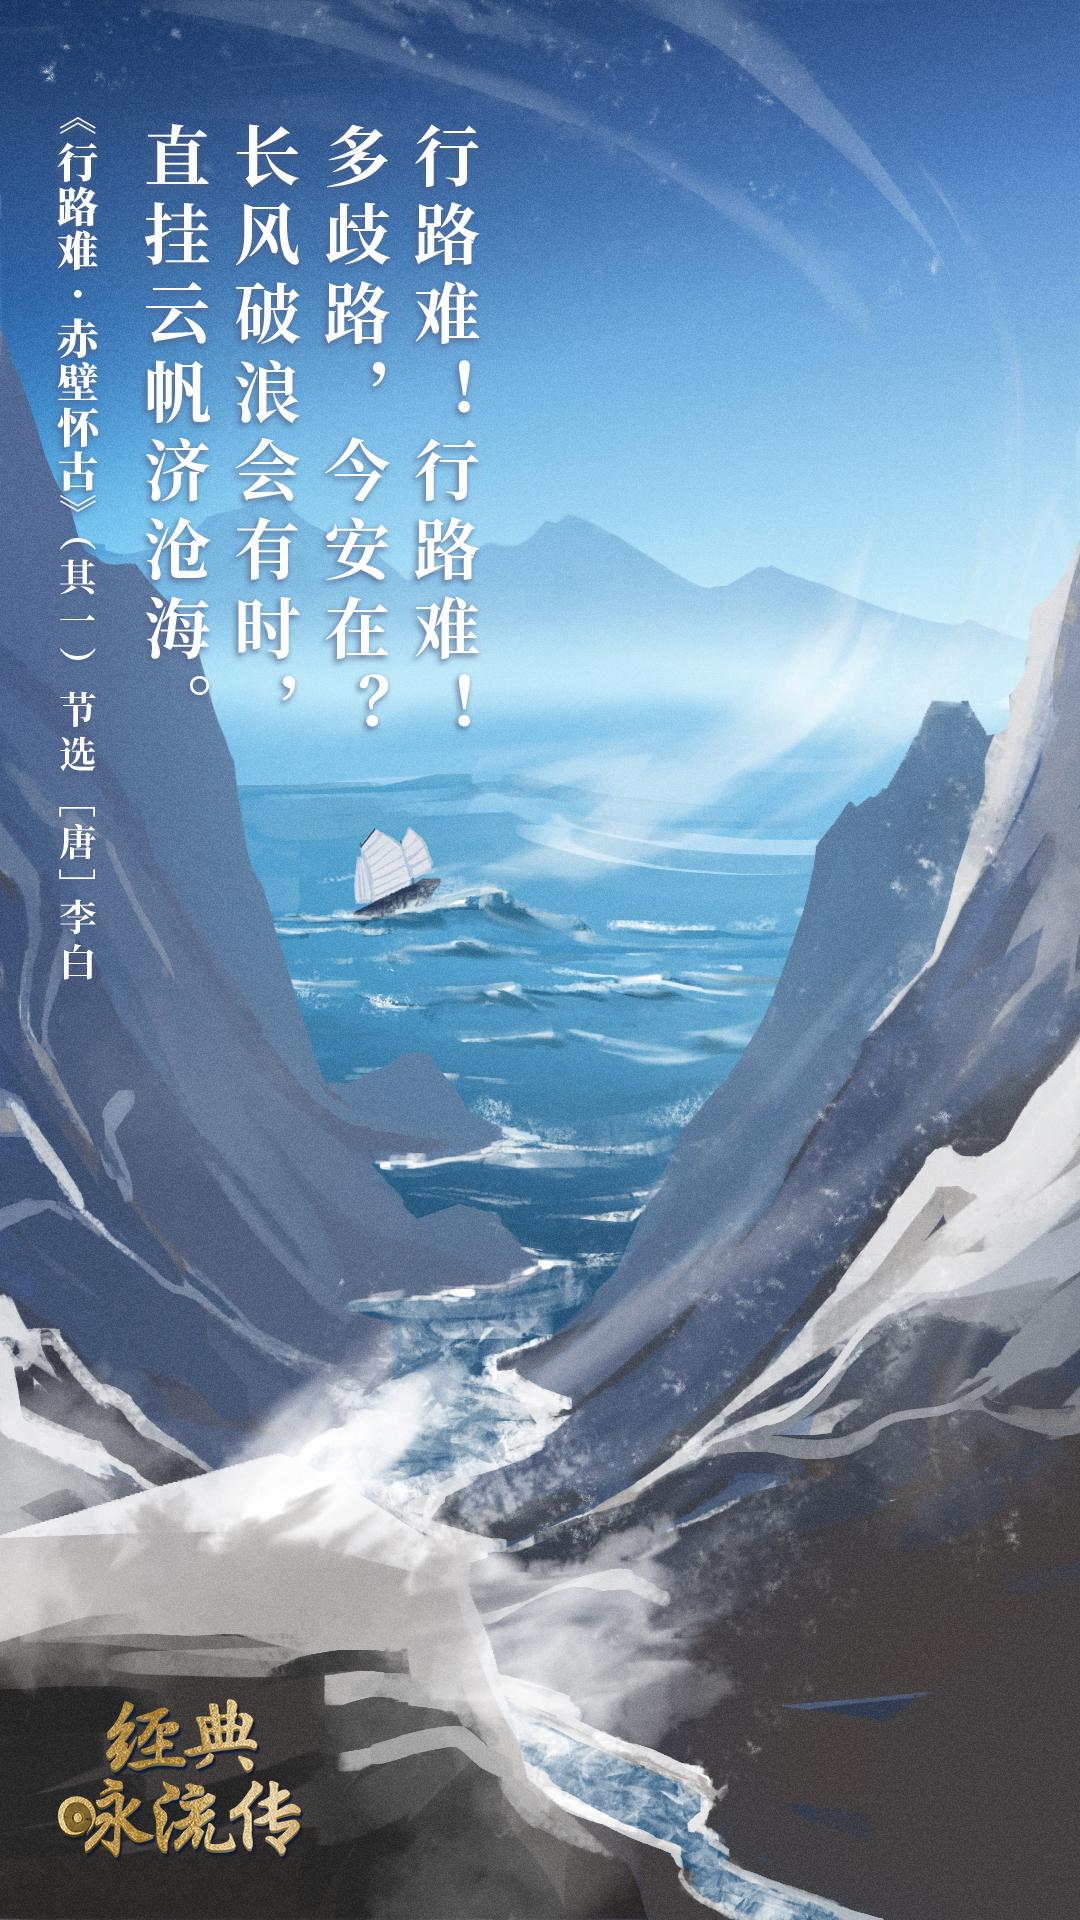 《经典咏流传》诗词意境海报合集 欣赏-第7张